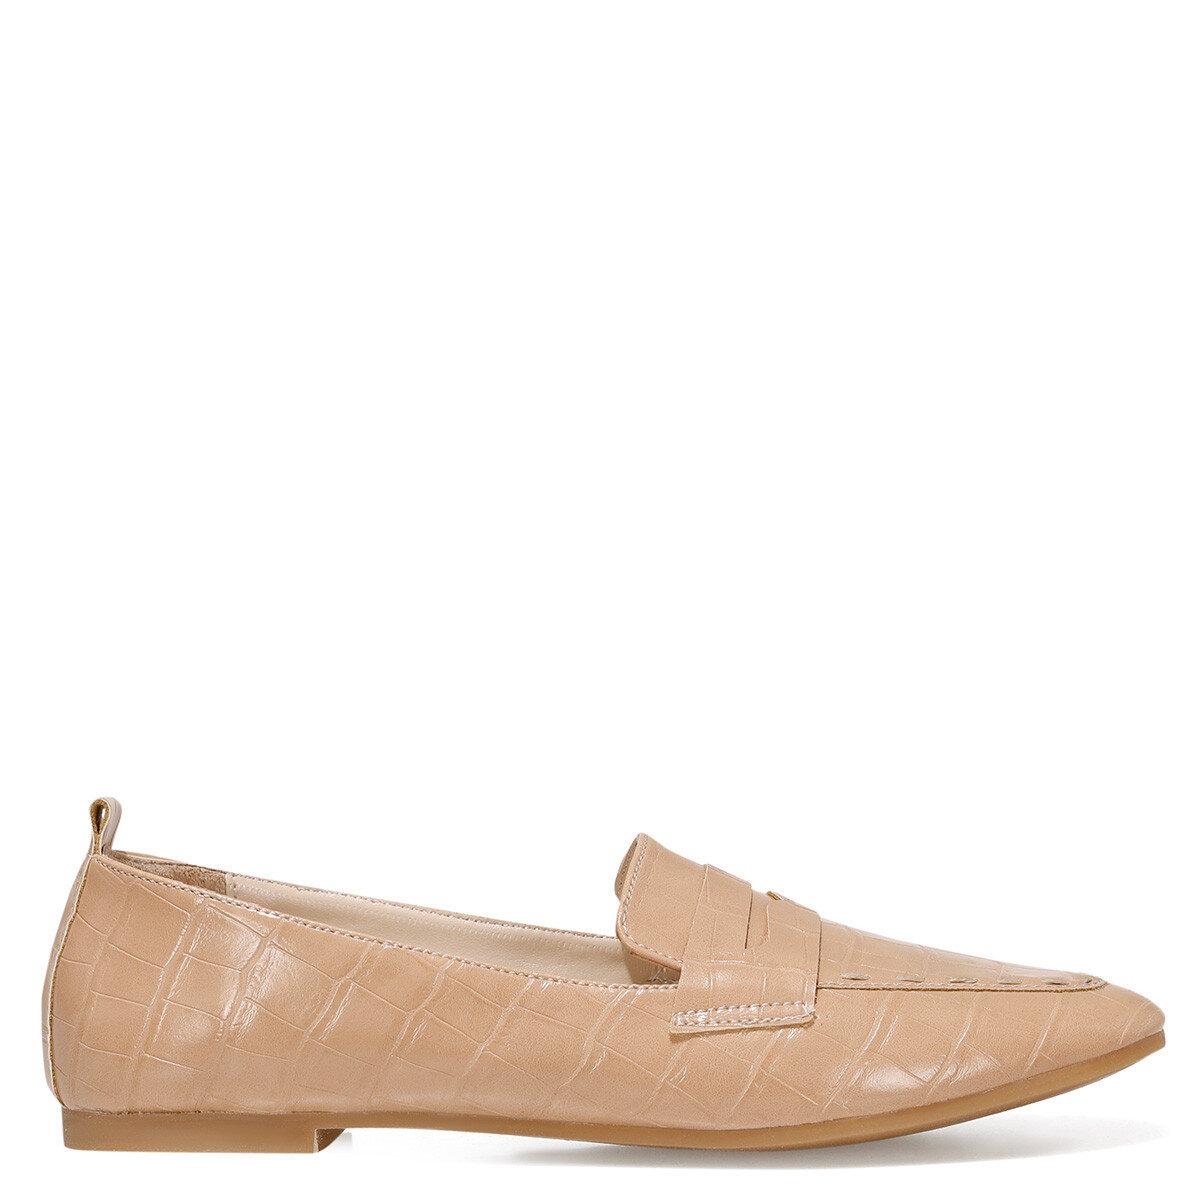 LEFUR2 Bej Kadın Loafer Ayakkabı